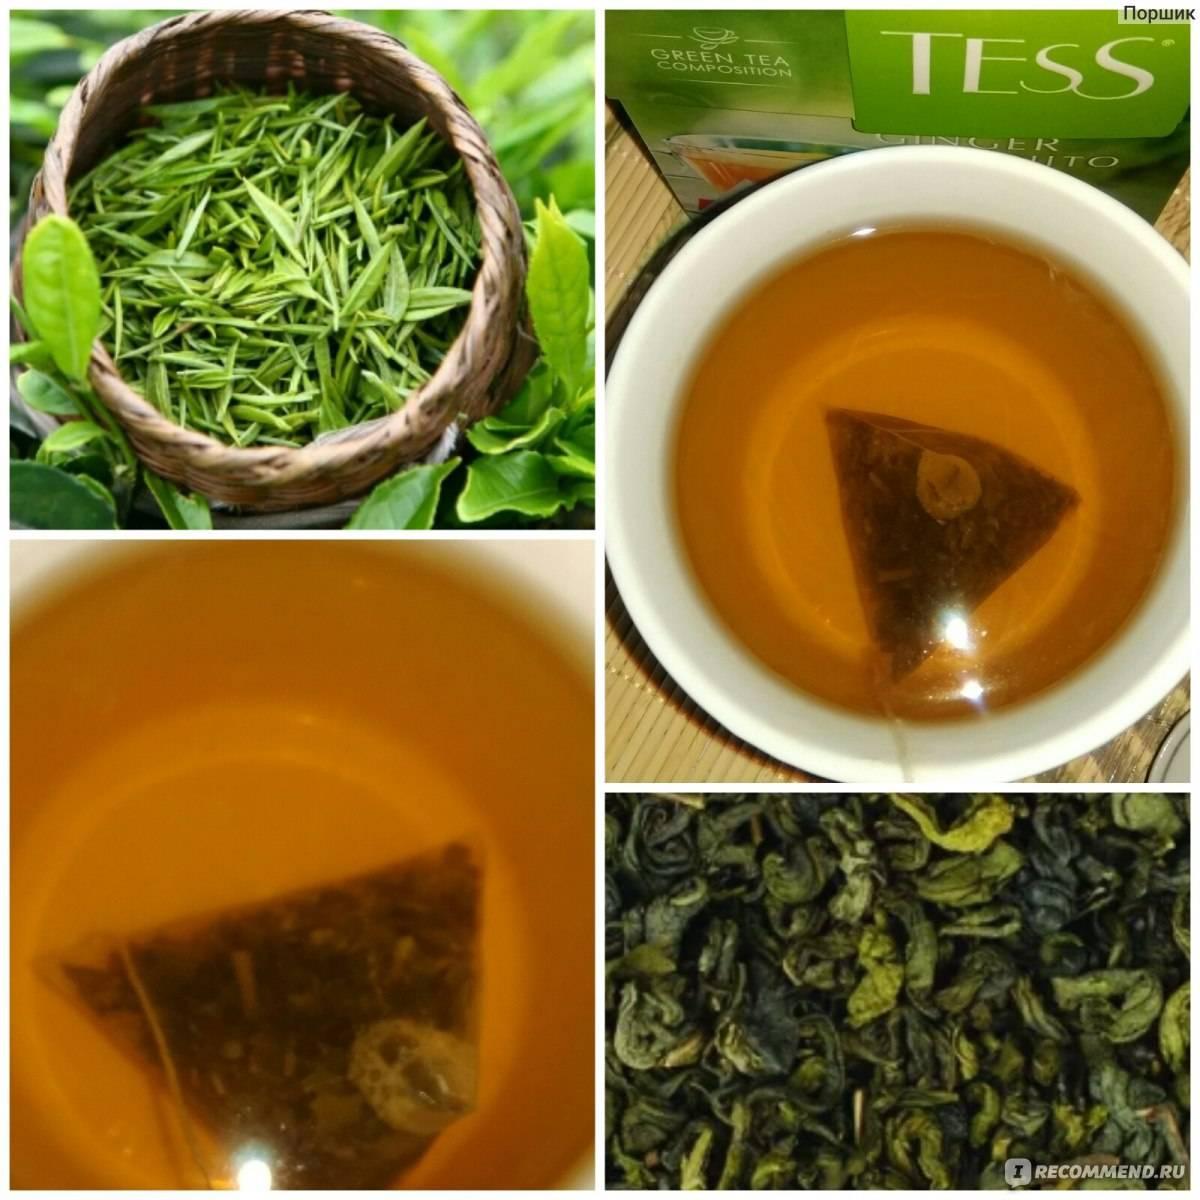 Анисовый чай: полезные свойства и противопоказания